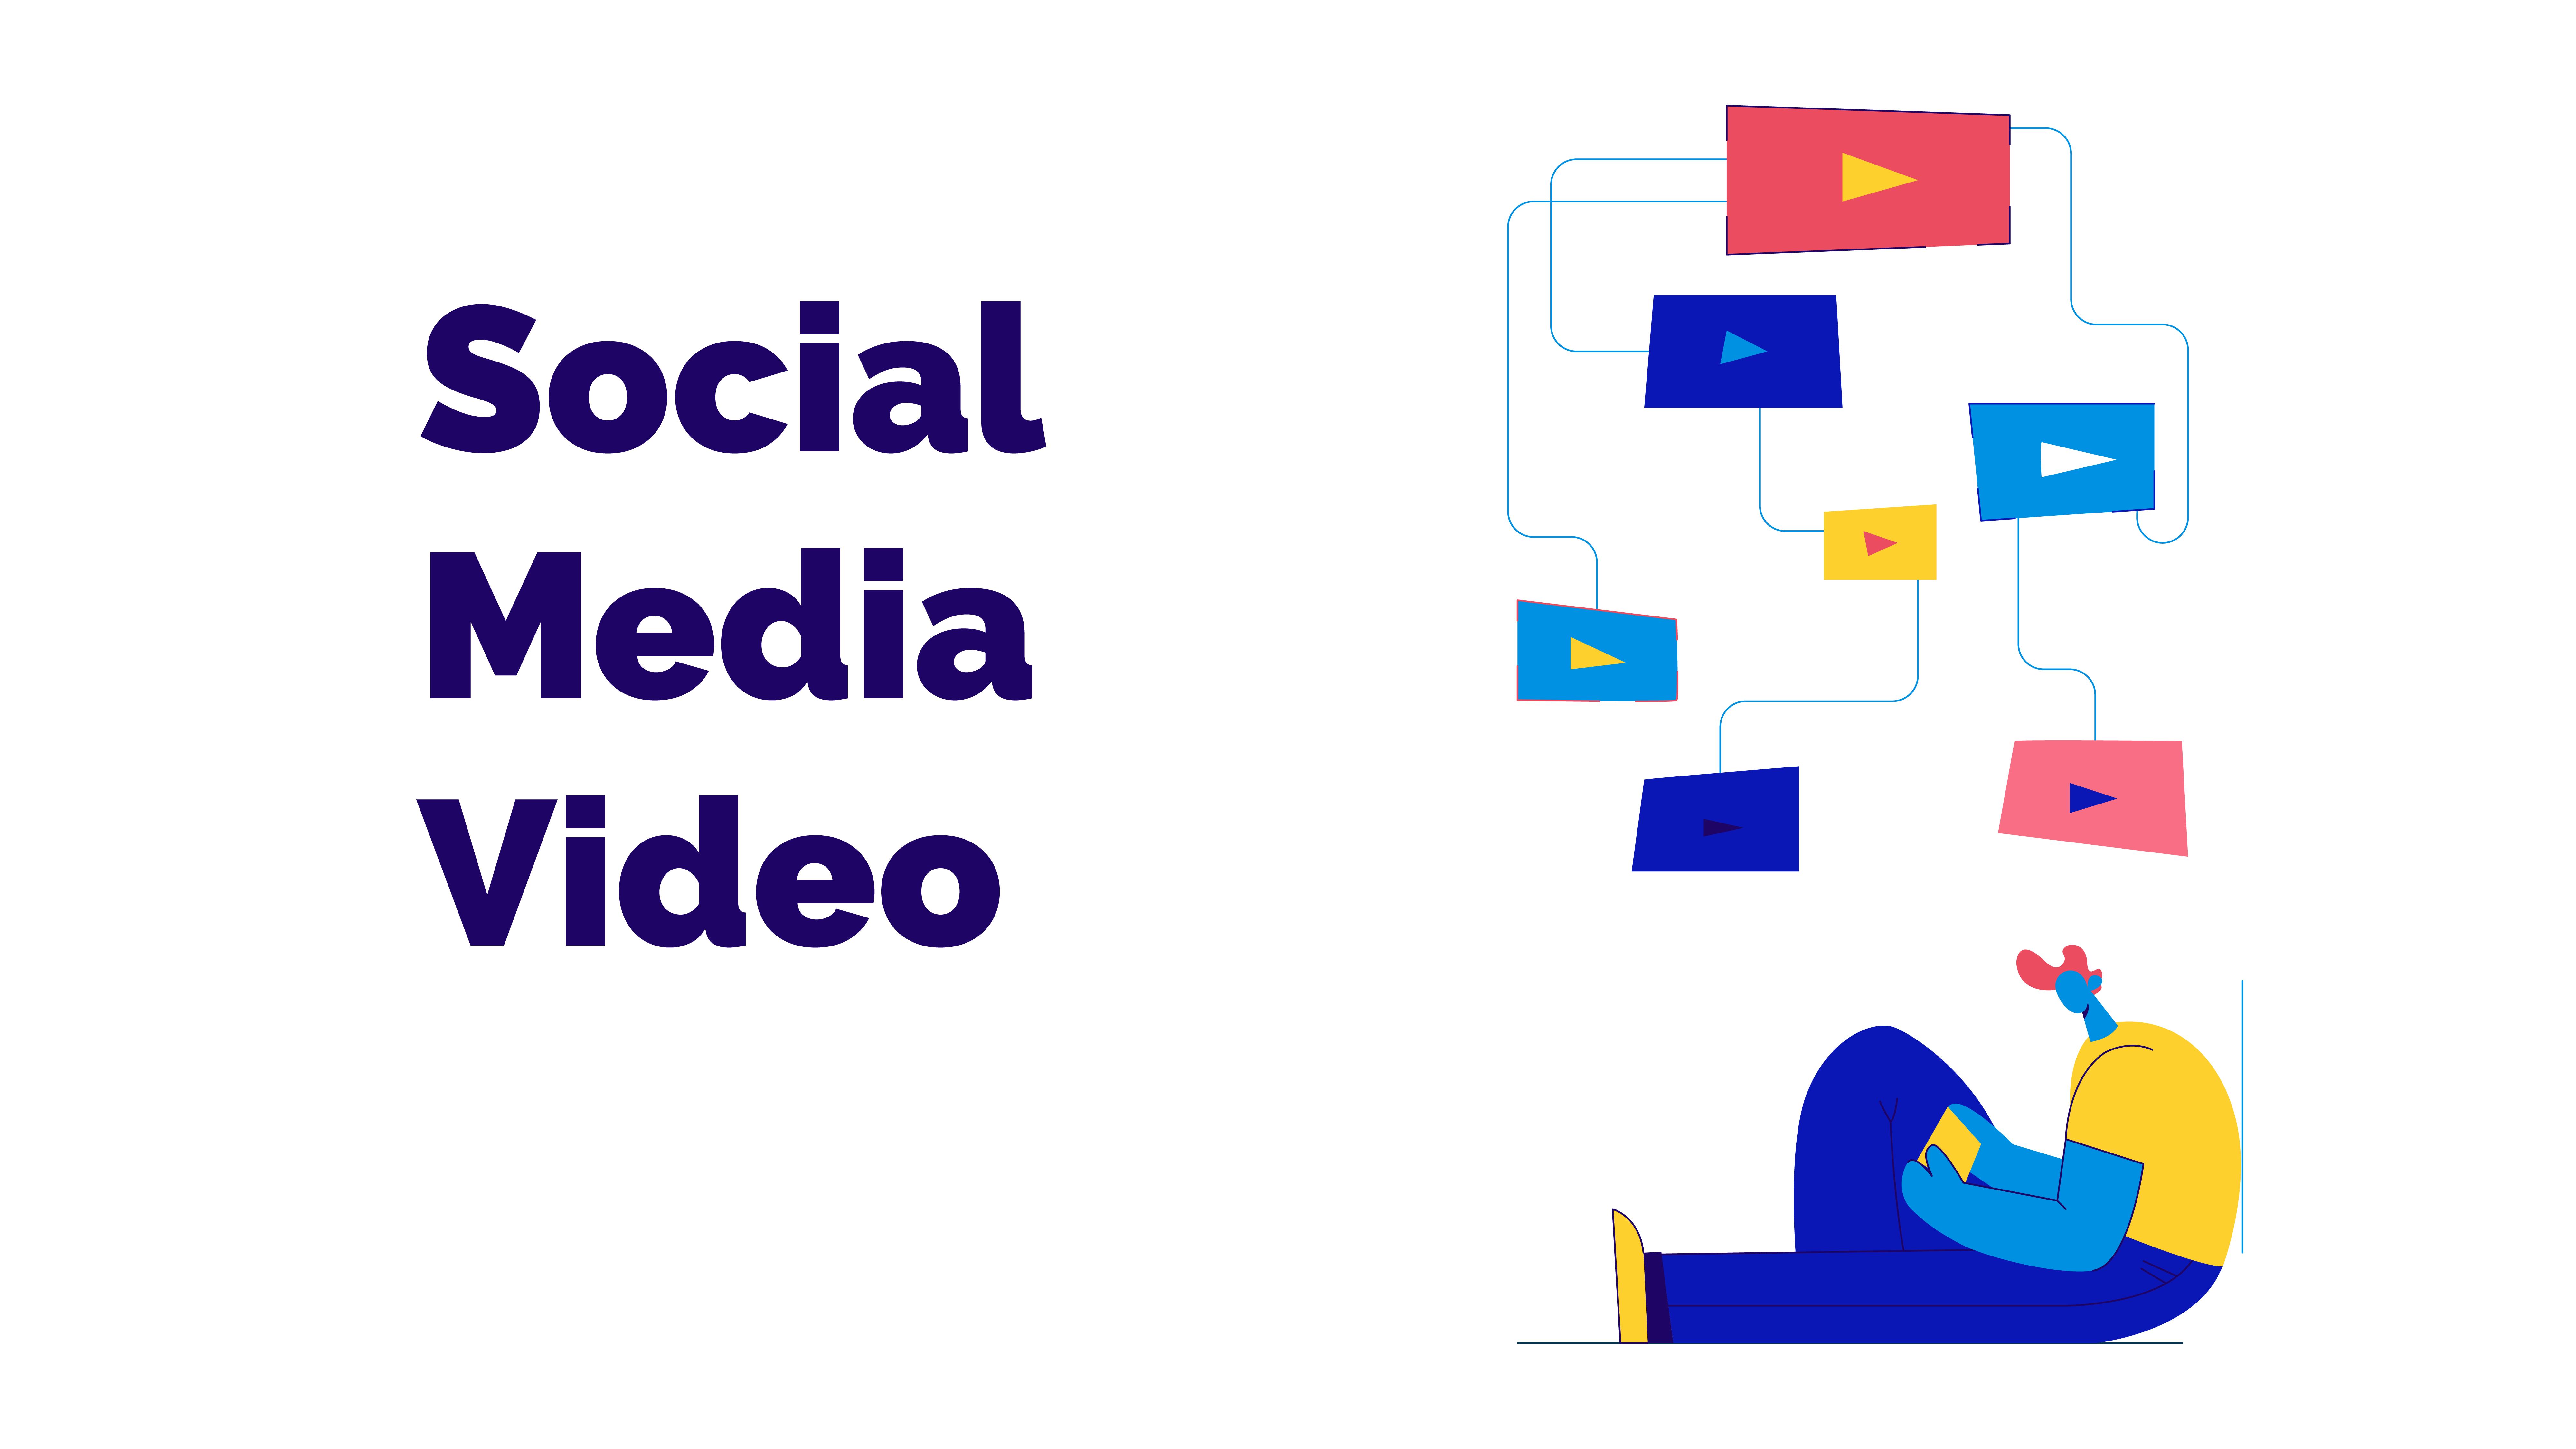 Social Media Video Statistics